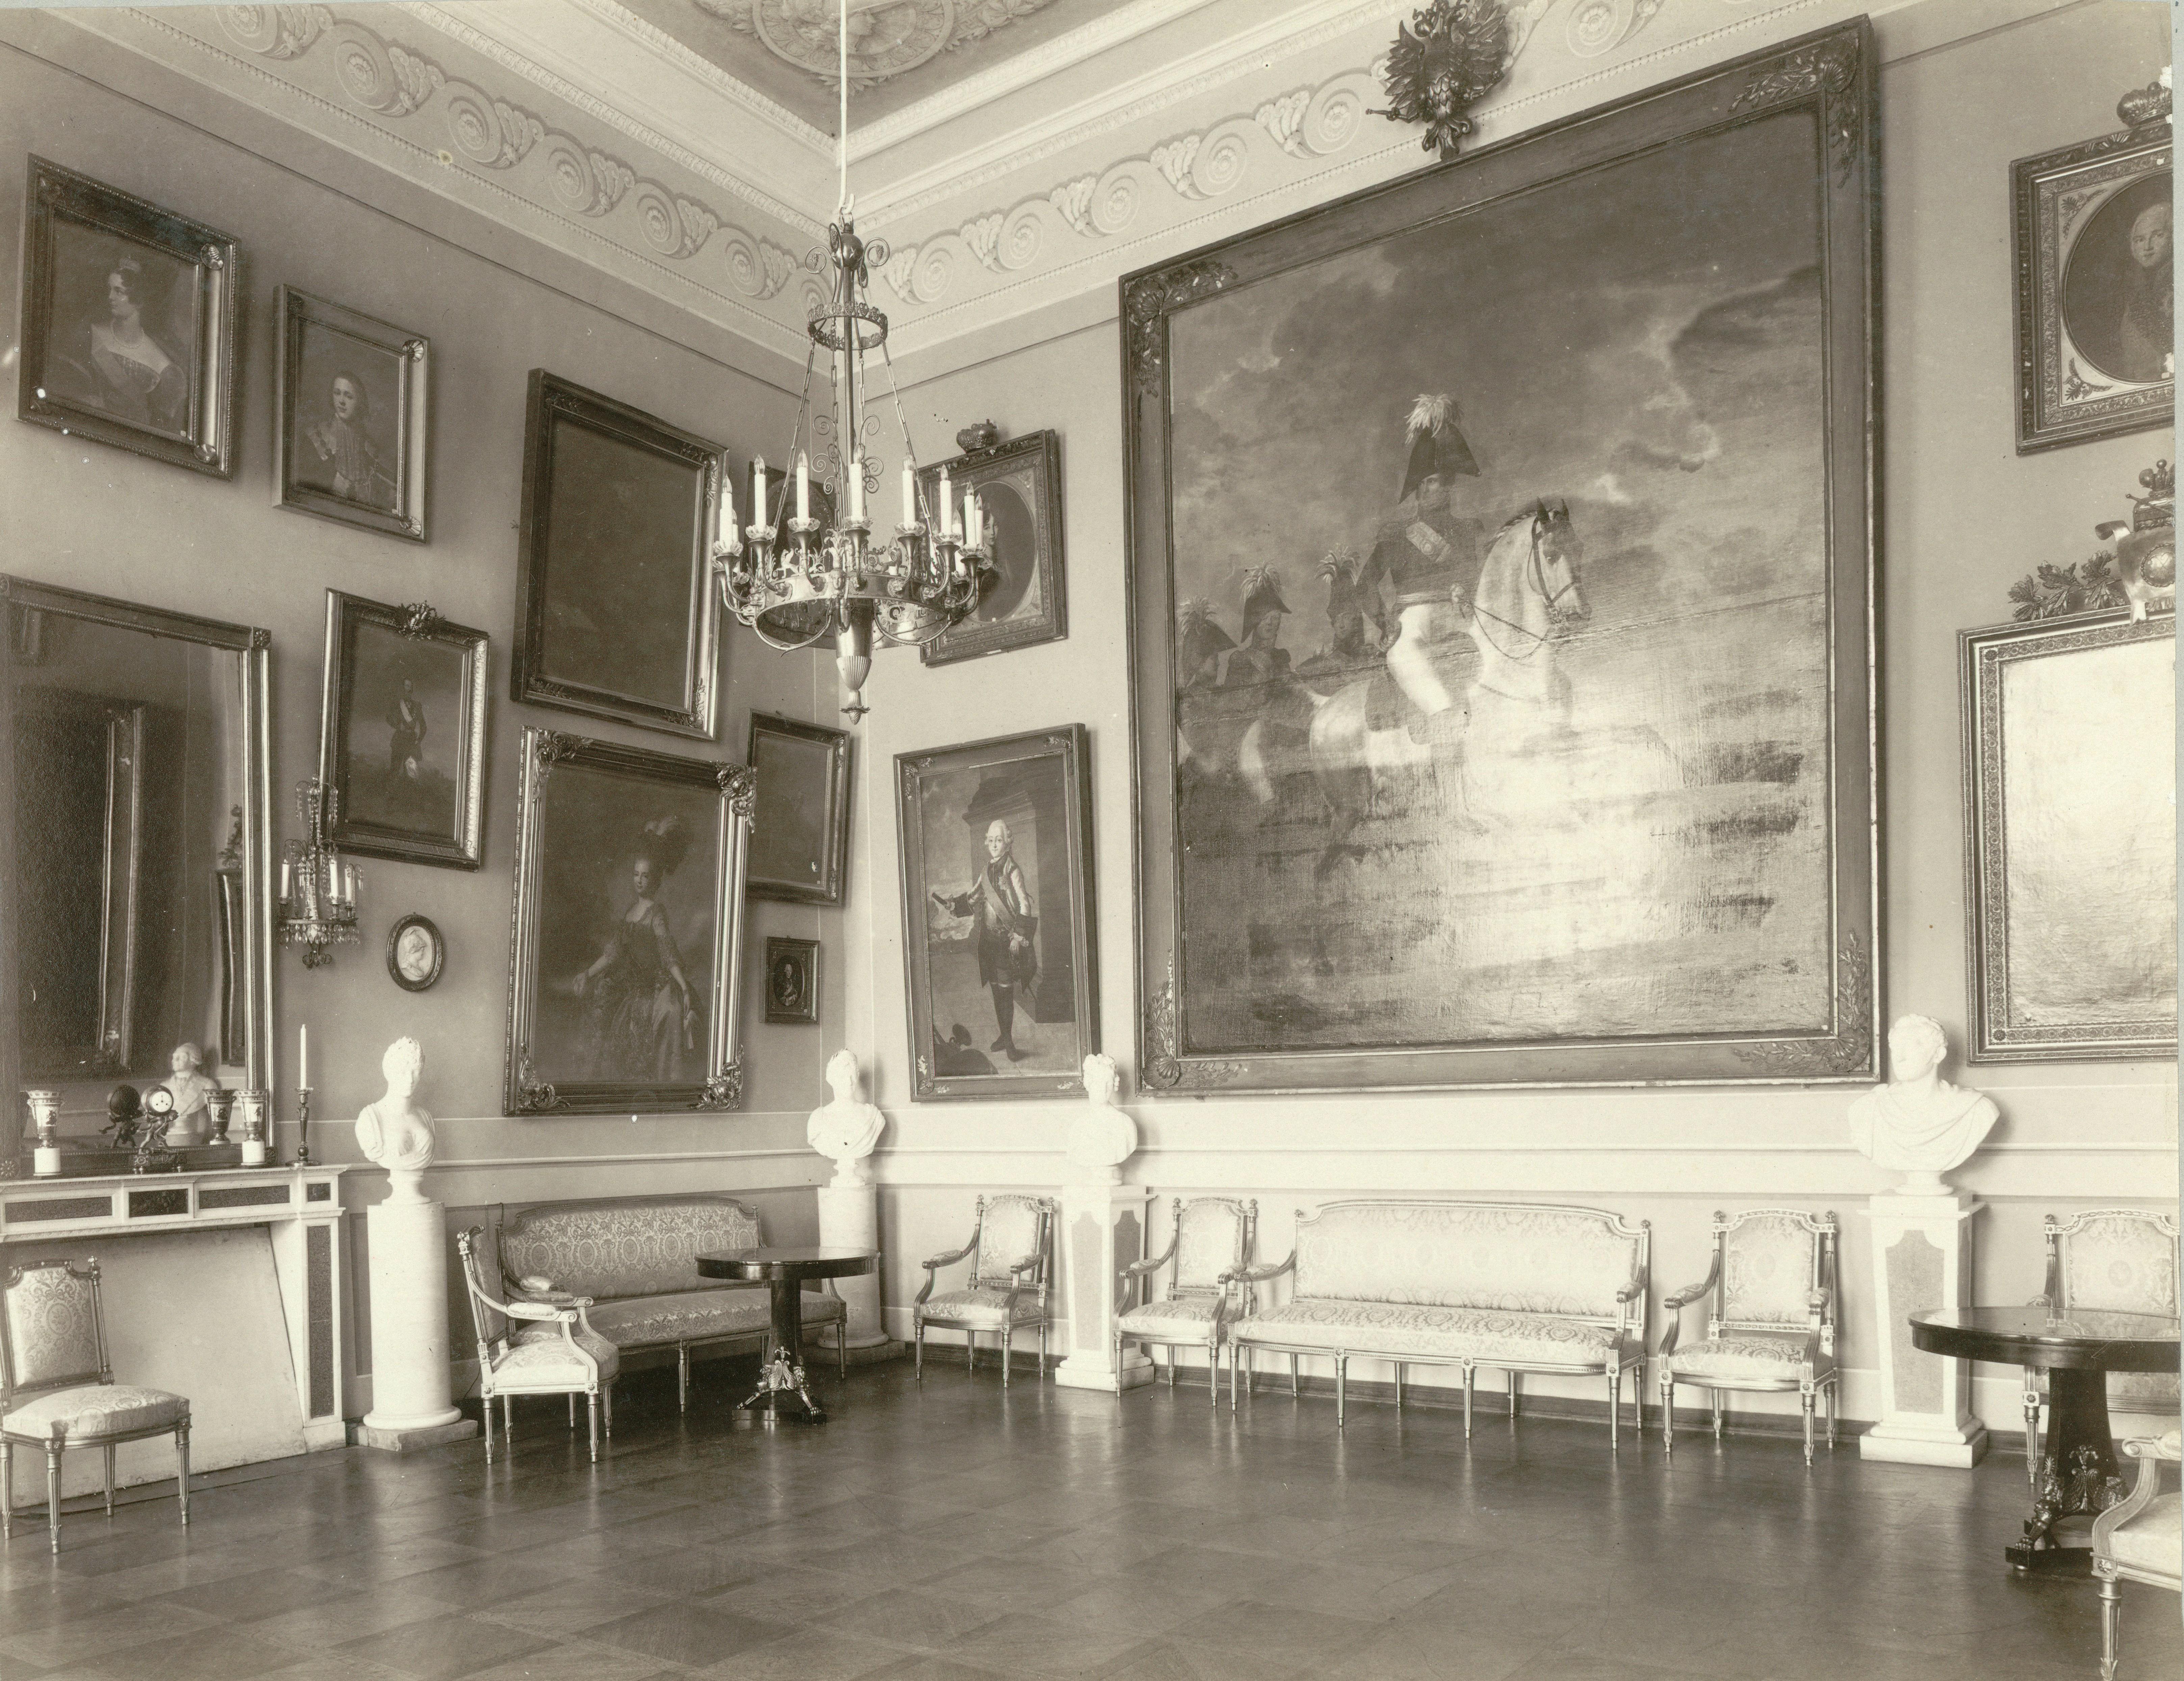 Дворец. Императорский зал. Северо-западный угол. Справа картина Ж.Б. Свебаха «Александр I со свитой